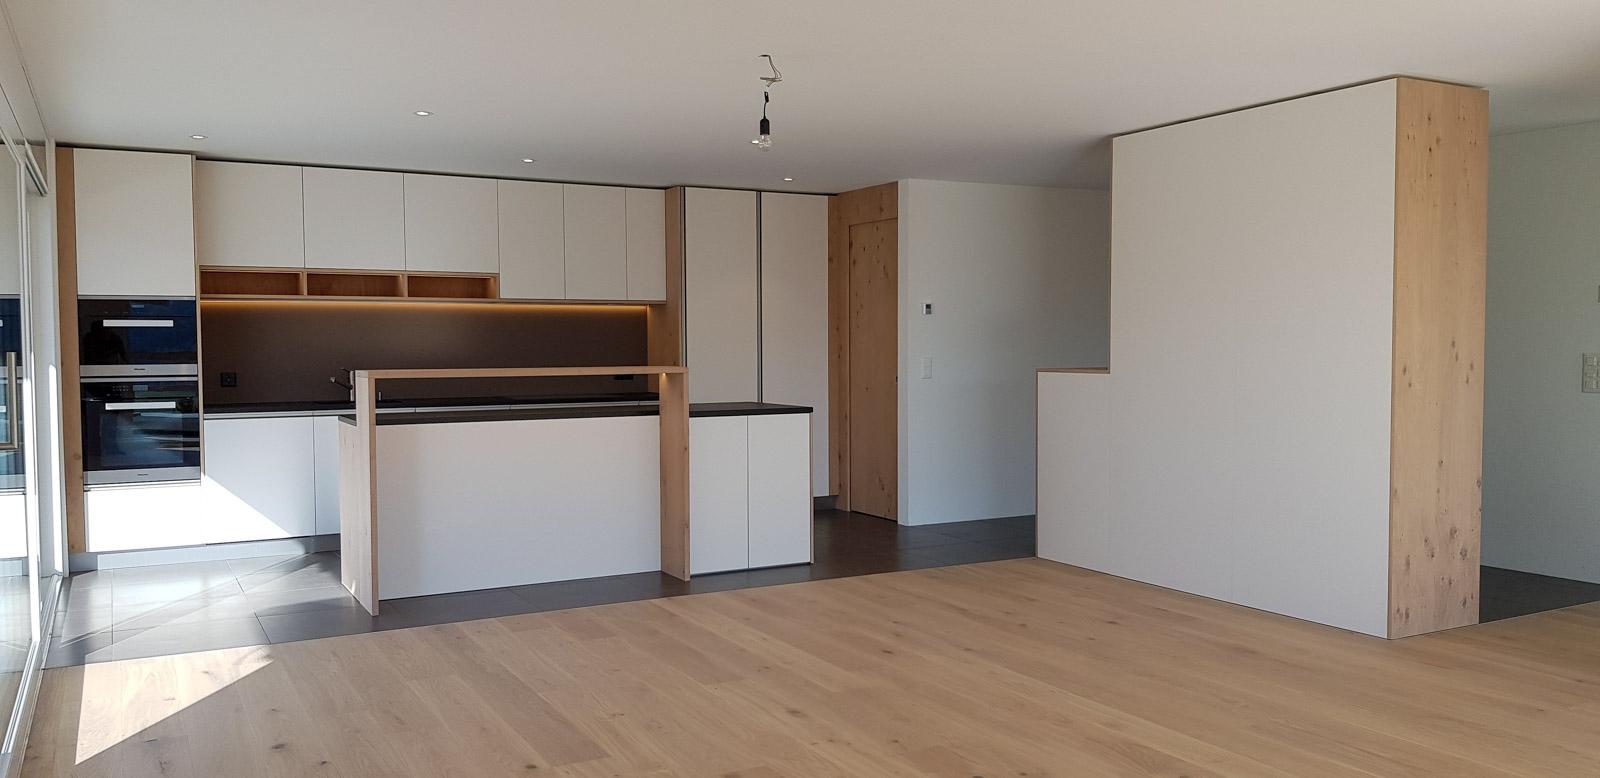 Wooddesign_Garderobe_Eiche furniert_Weisse Fronten_Schuhauszug_Schubladen_offene Gästegarderobe (9)